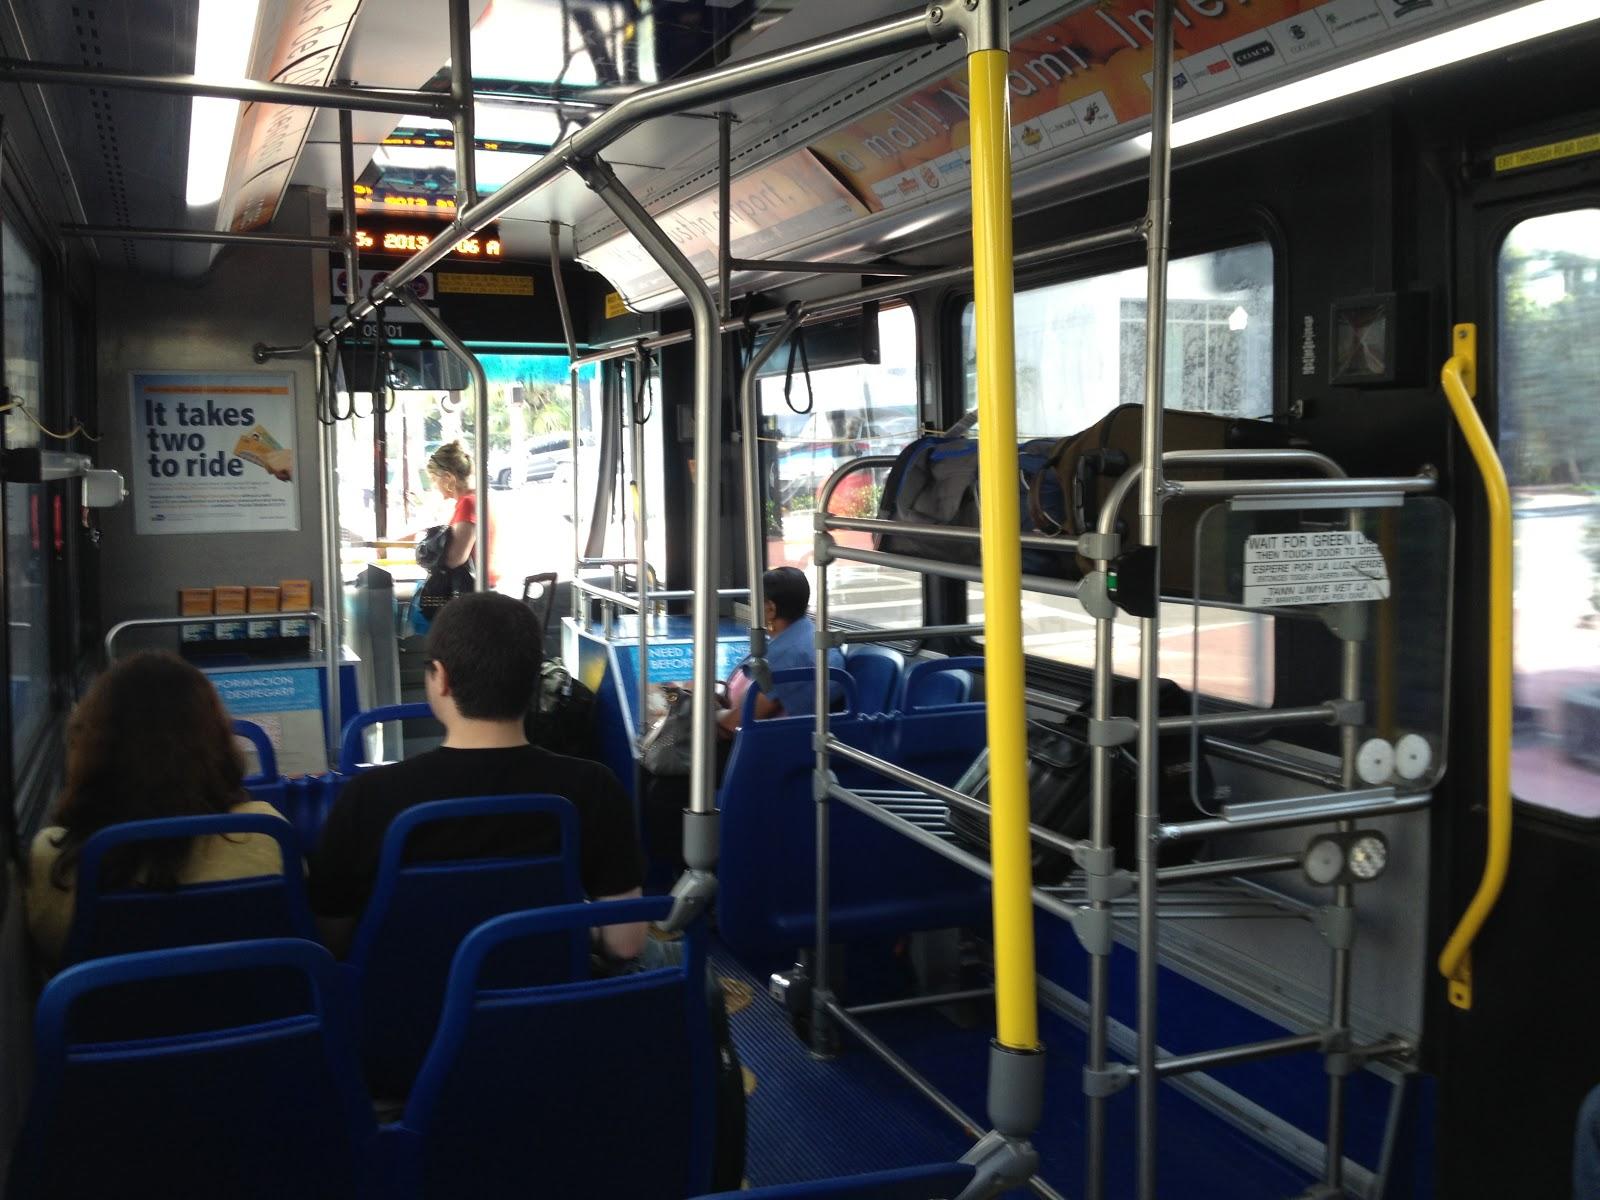 文化系マイアミ: 空港バス「Airp...